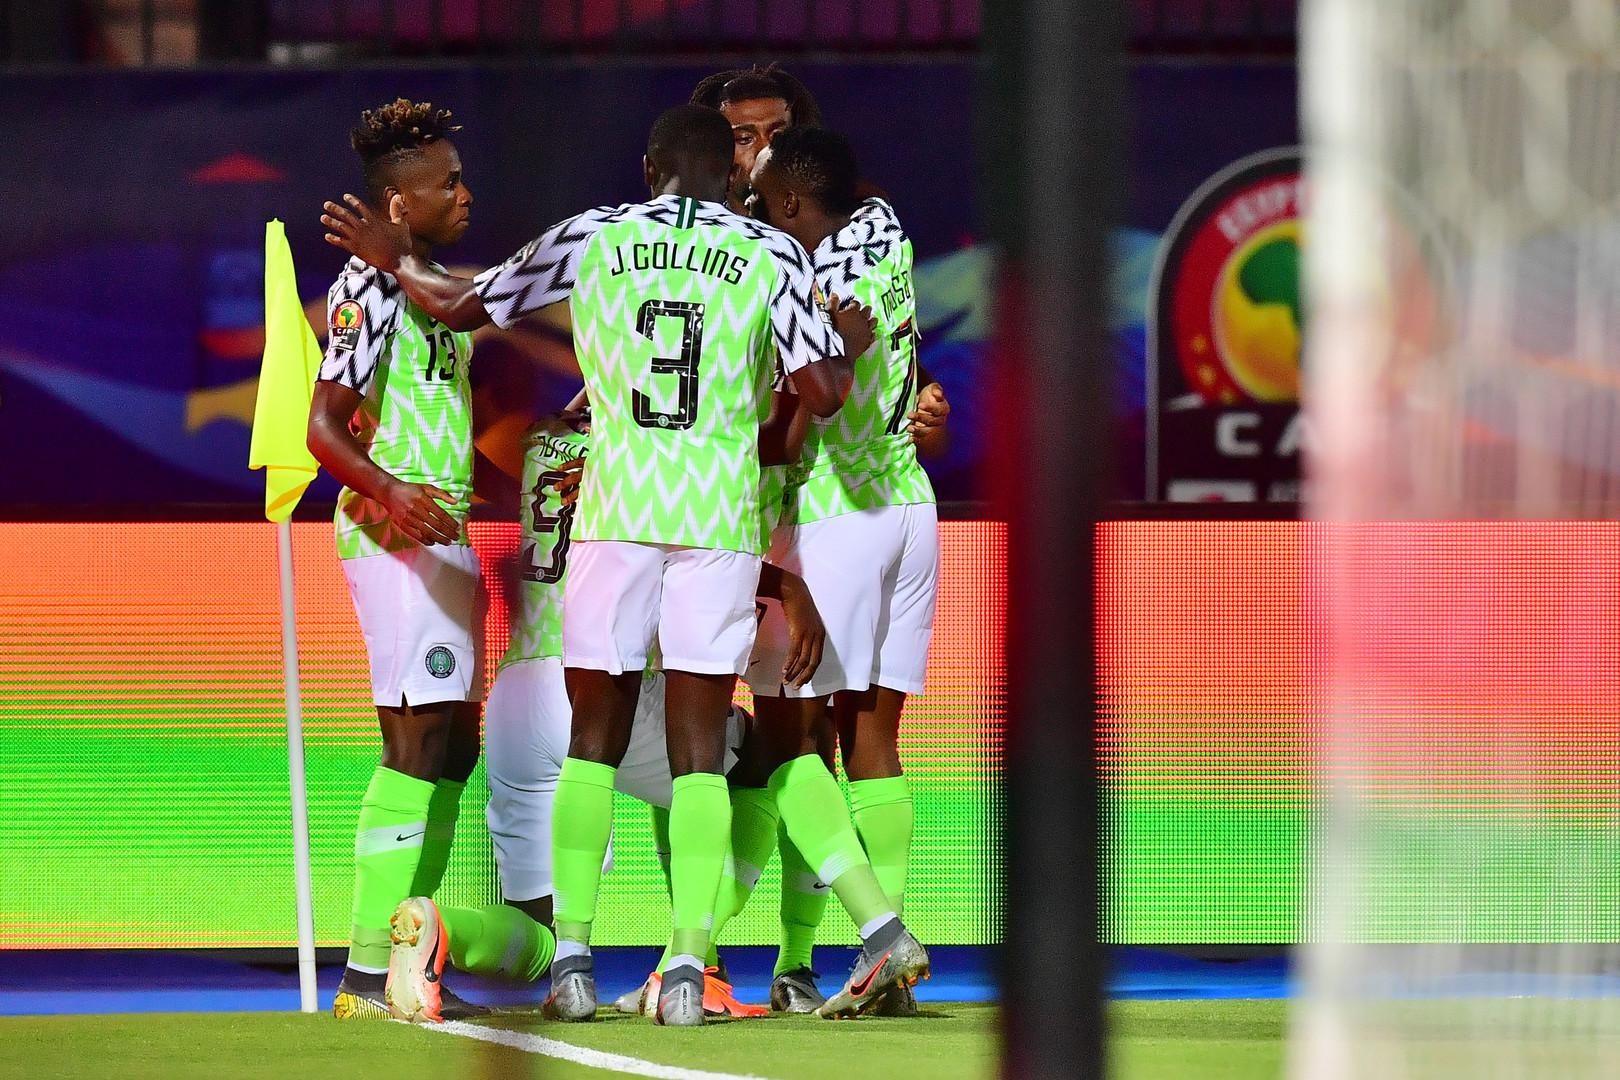 نيجيريا تحصد المركز الثالث في أمم إفريقيا على حساب تونس